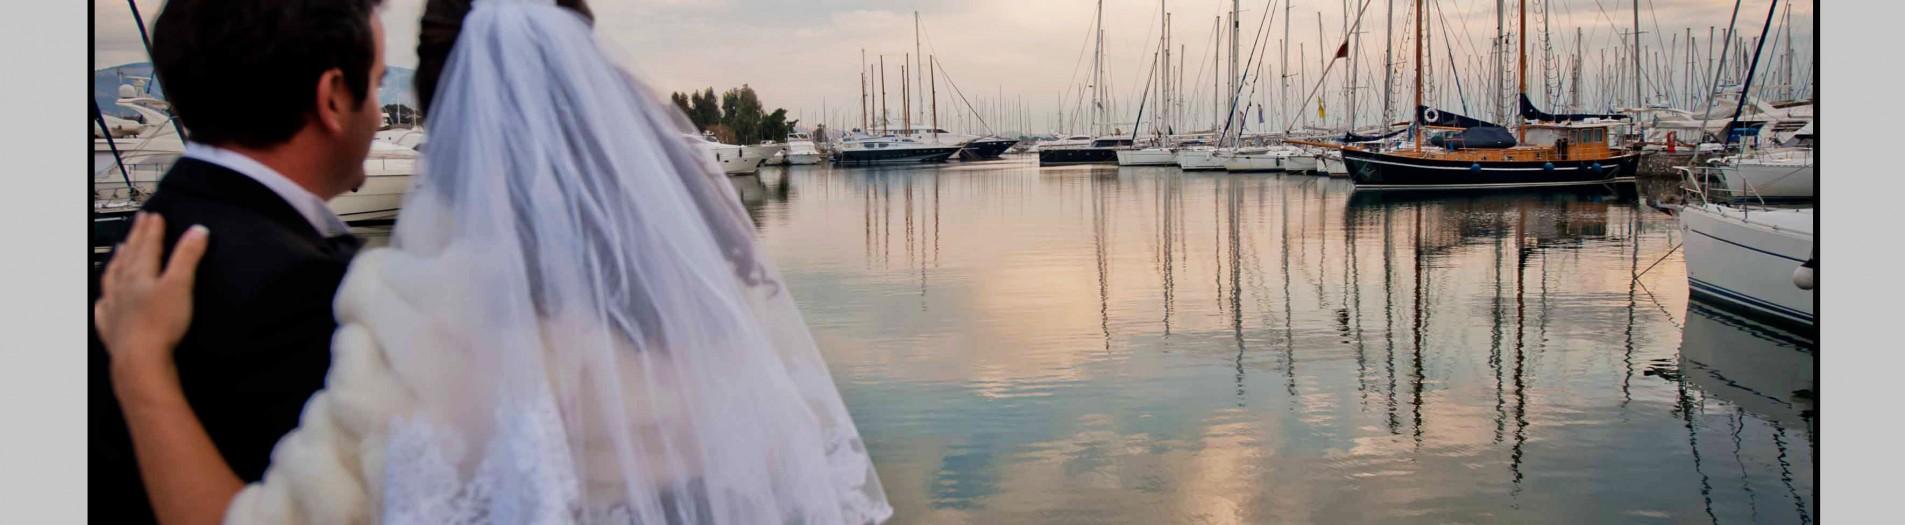 φωτογραφιες γαμου,φωτογραφηση γαμου,γαμος ,φωτογραφηση γαμου